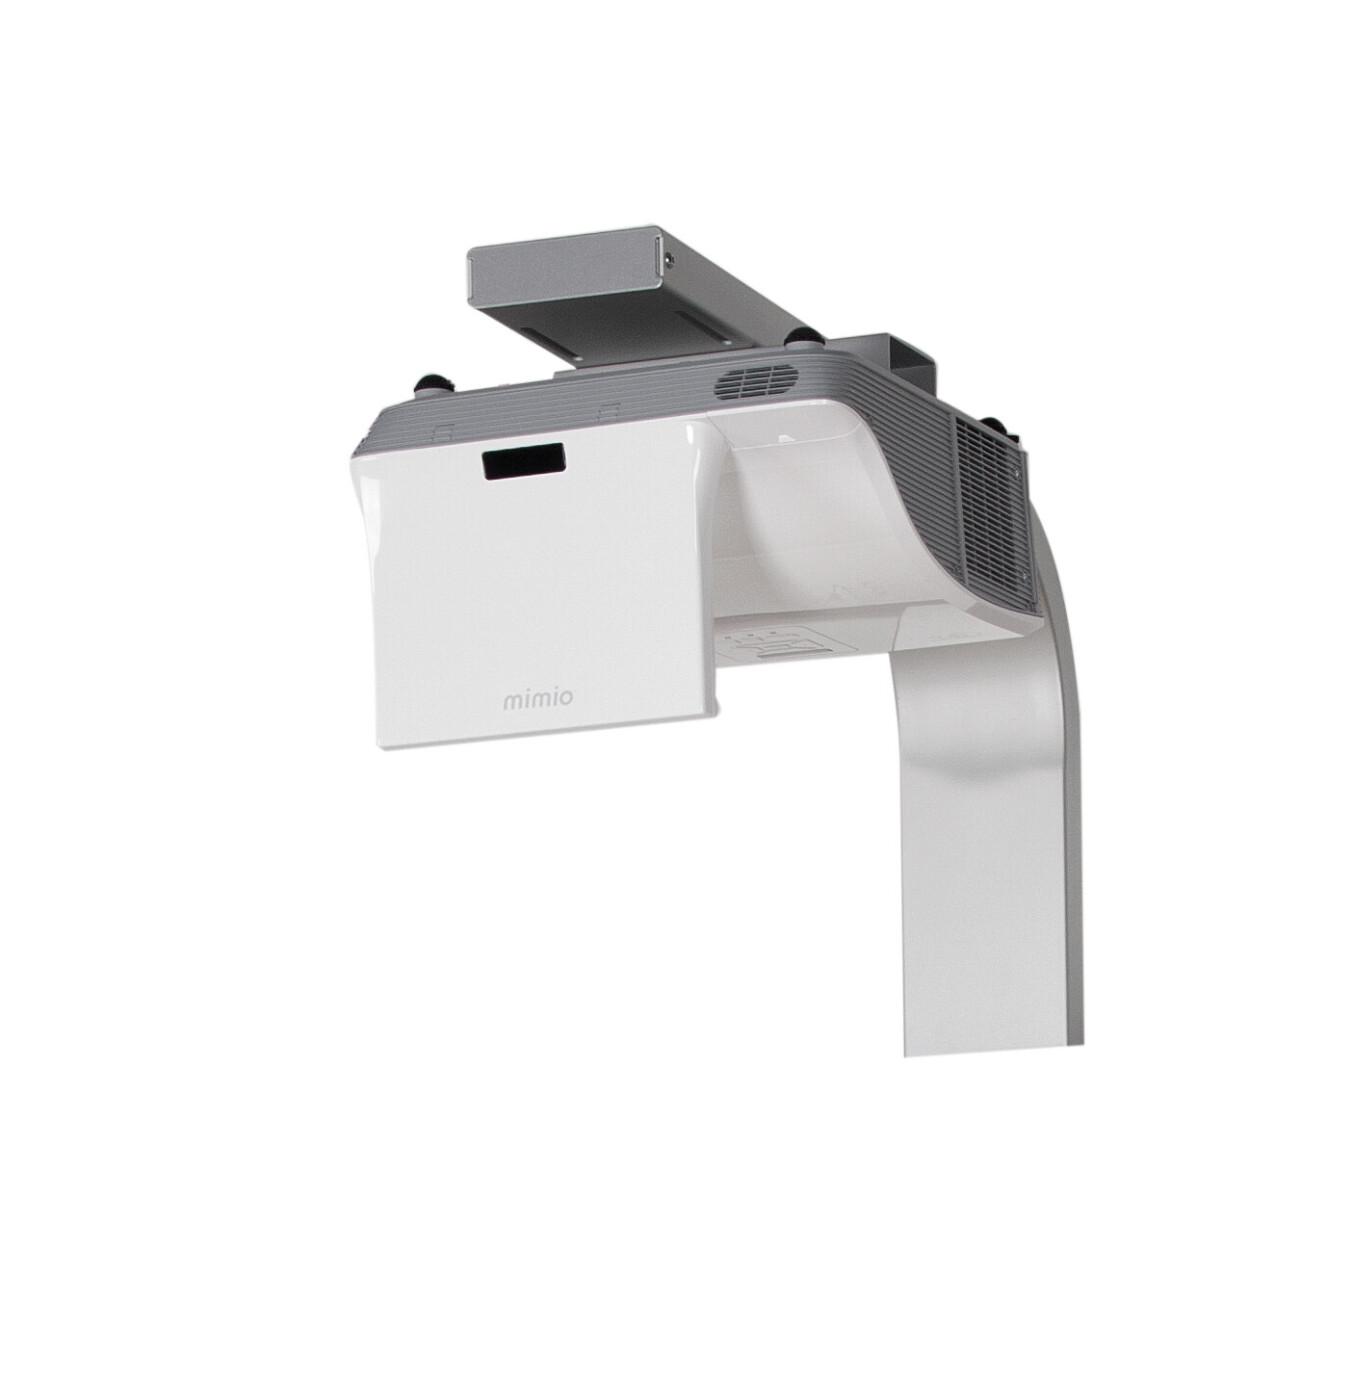 Videoprojecteur mimio à focale ultracourte interactif